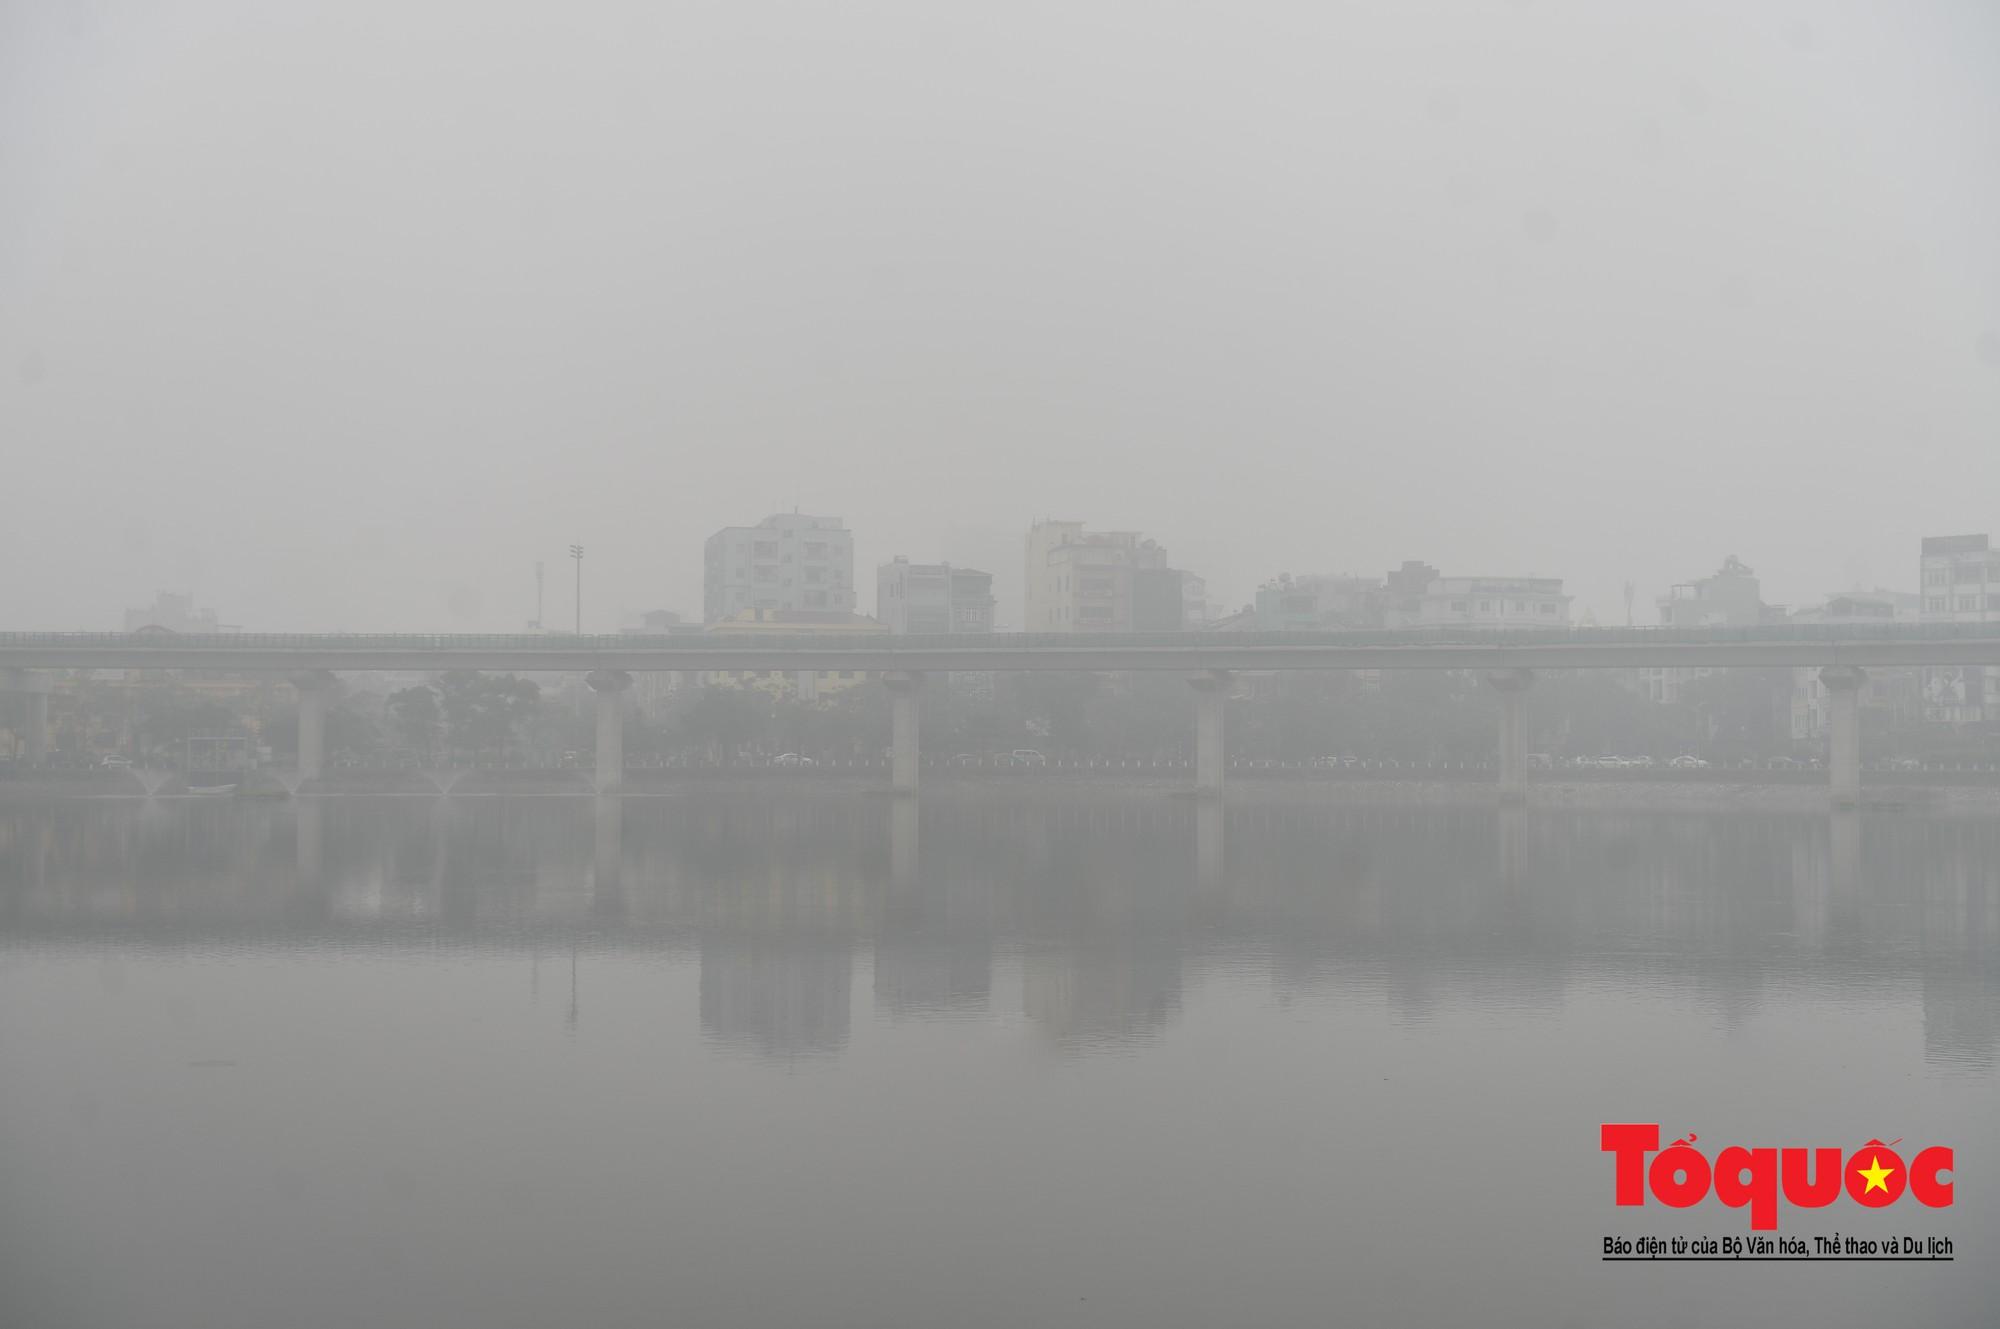 Cao ốc Hà Nội chơi ú tìm trong lớp sương mù dày đặc16